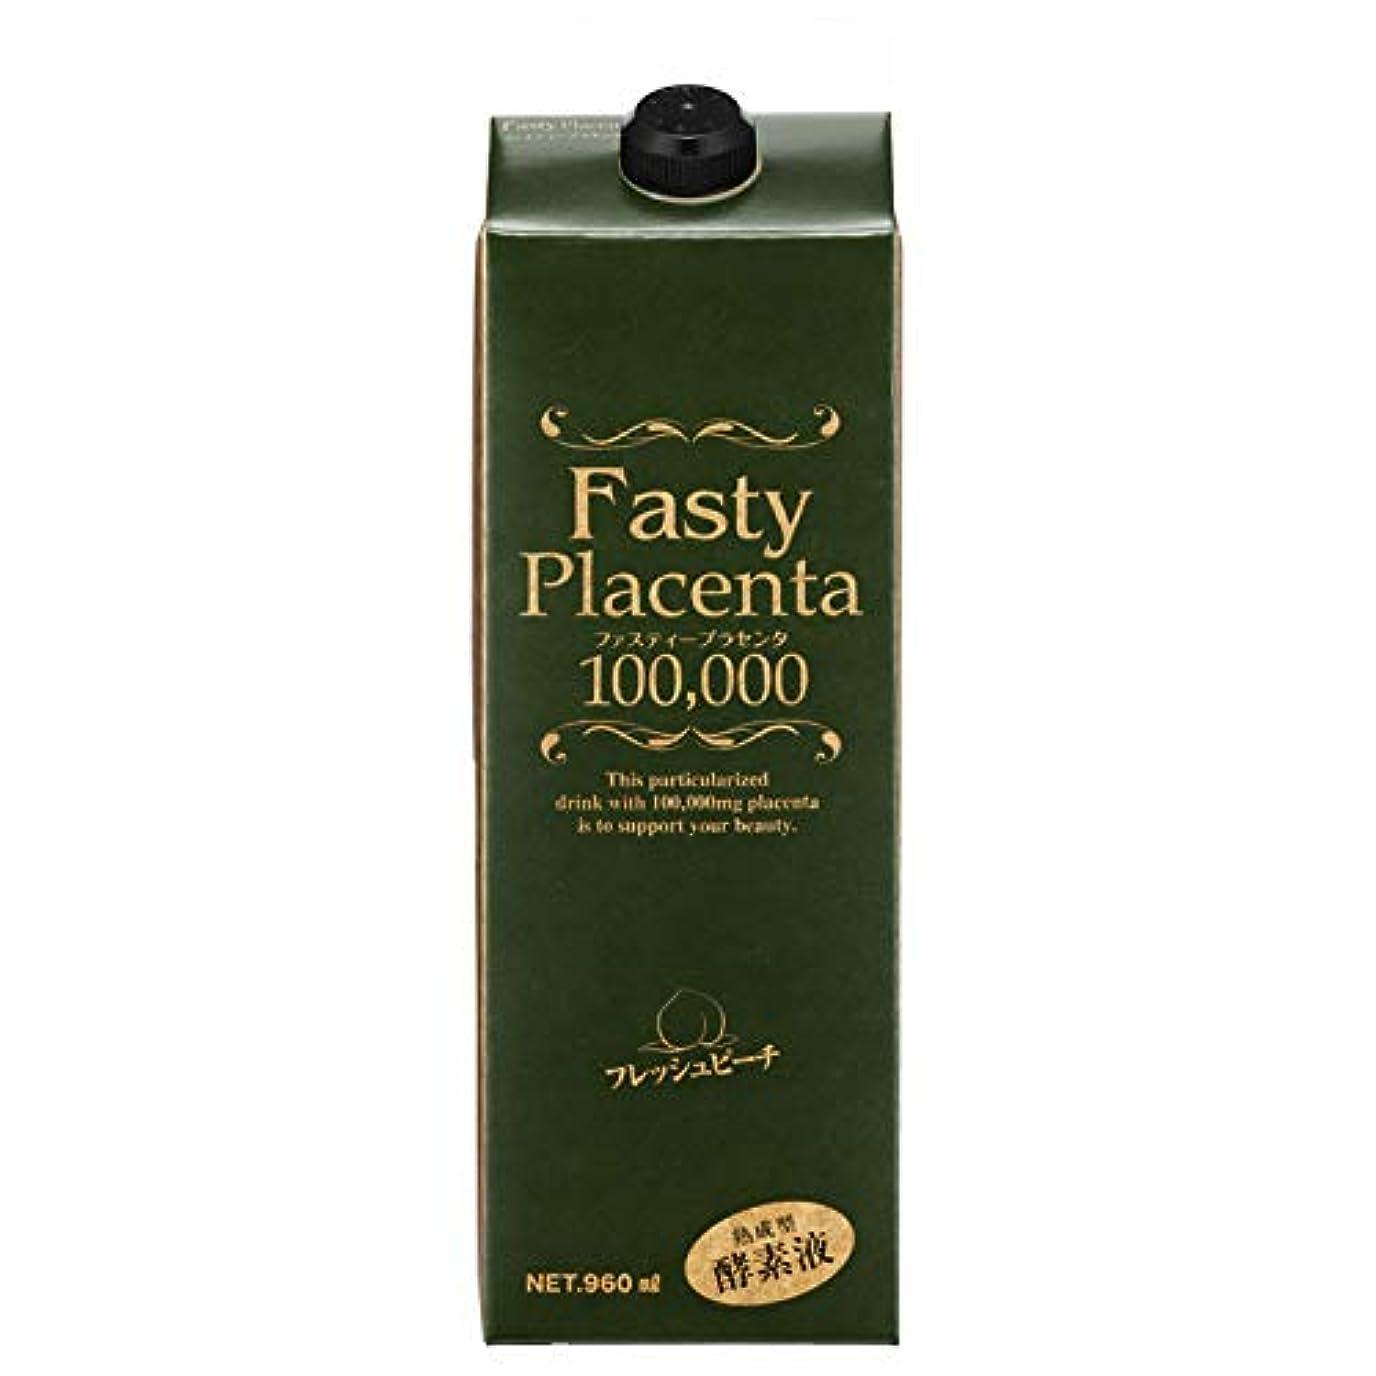 みなさん感嘆長方形ファスティープラセンタ100,000 増量パック(フレッシュピーチ味)1個